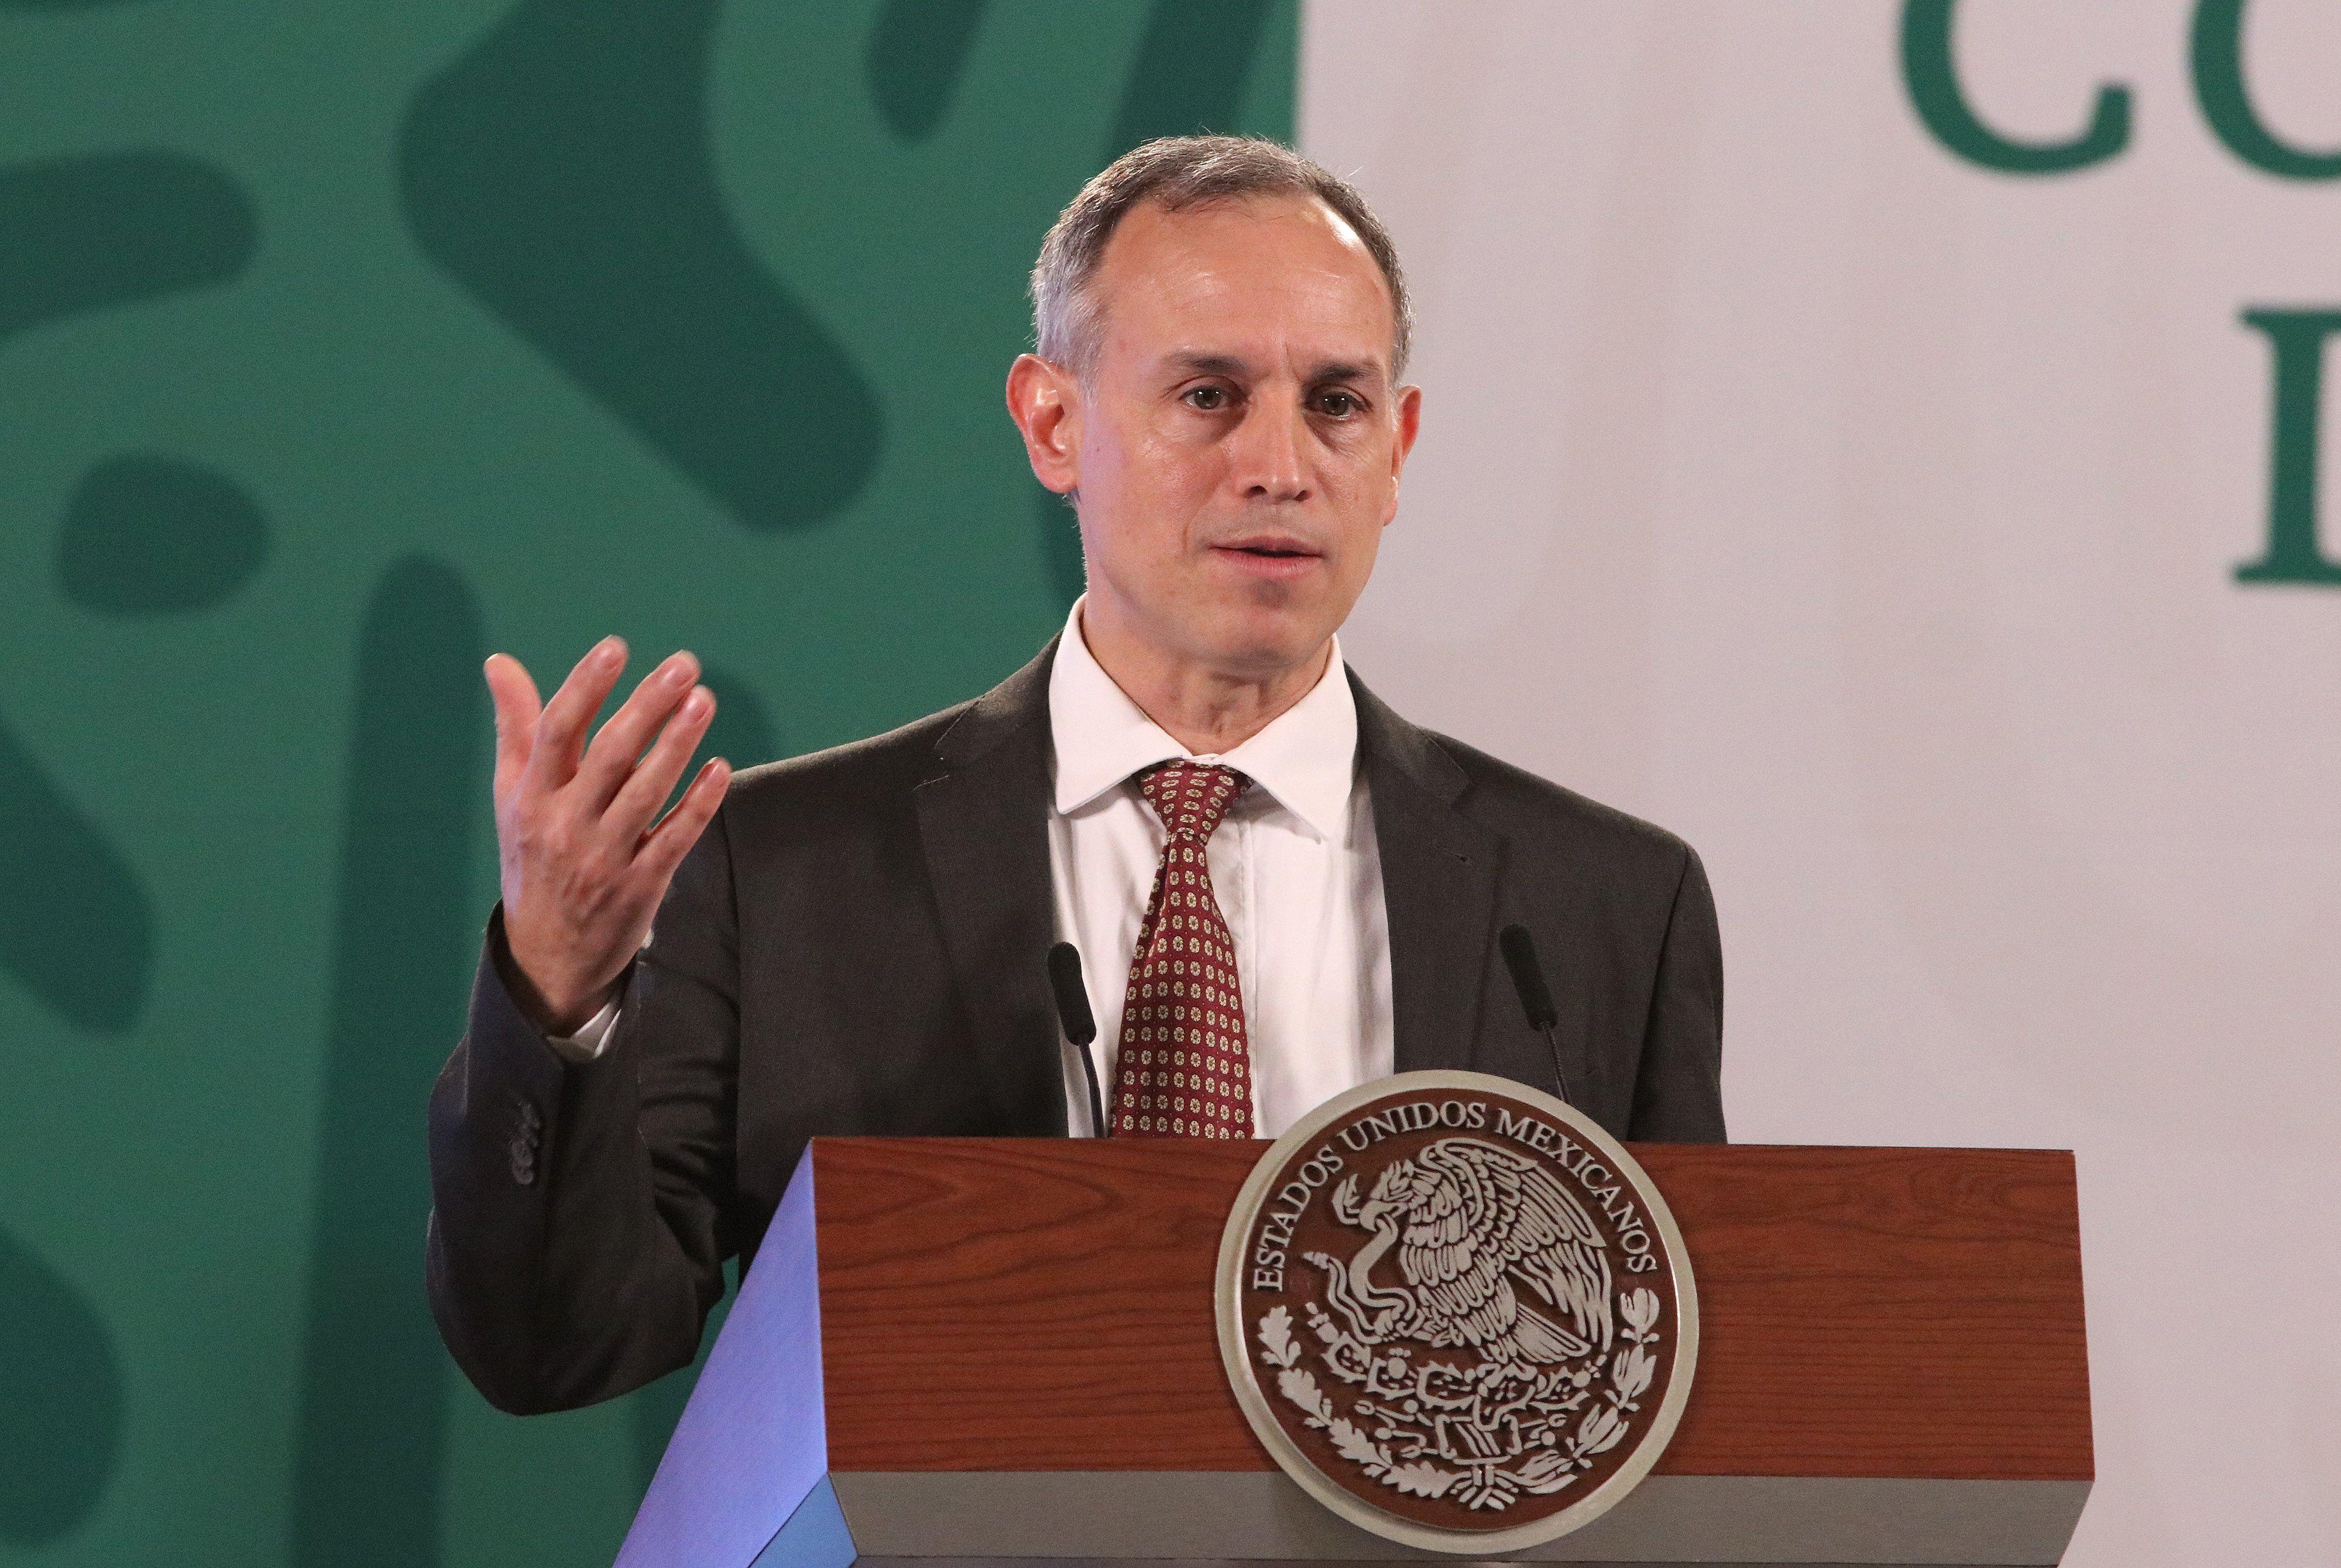 (Foto: EFE/José Pazos/Archivo9